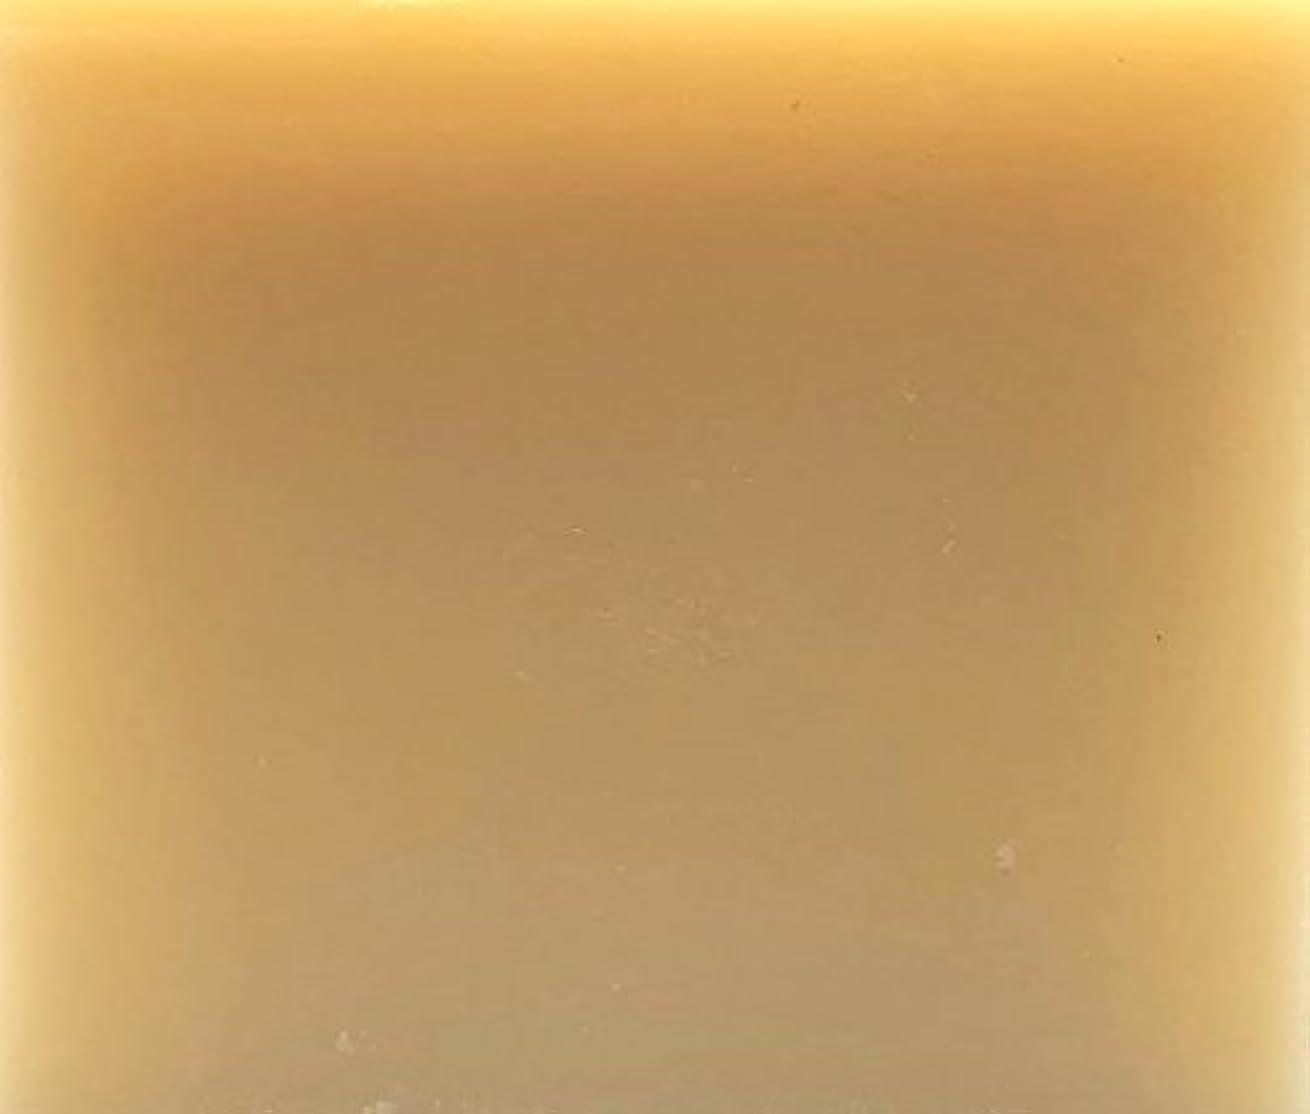 スパン最初モジュール篠山石鹸 ひのき 90g 自家製精油でコールドプロセス製法で作った手作り石けん